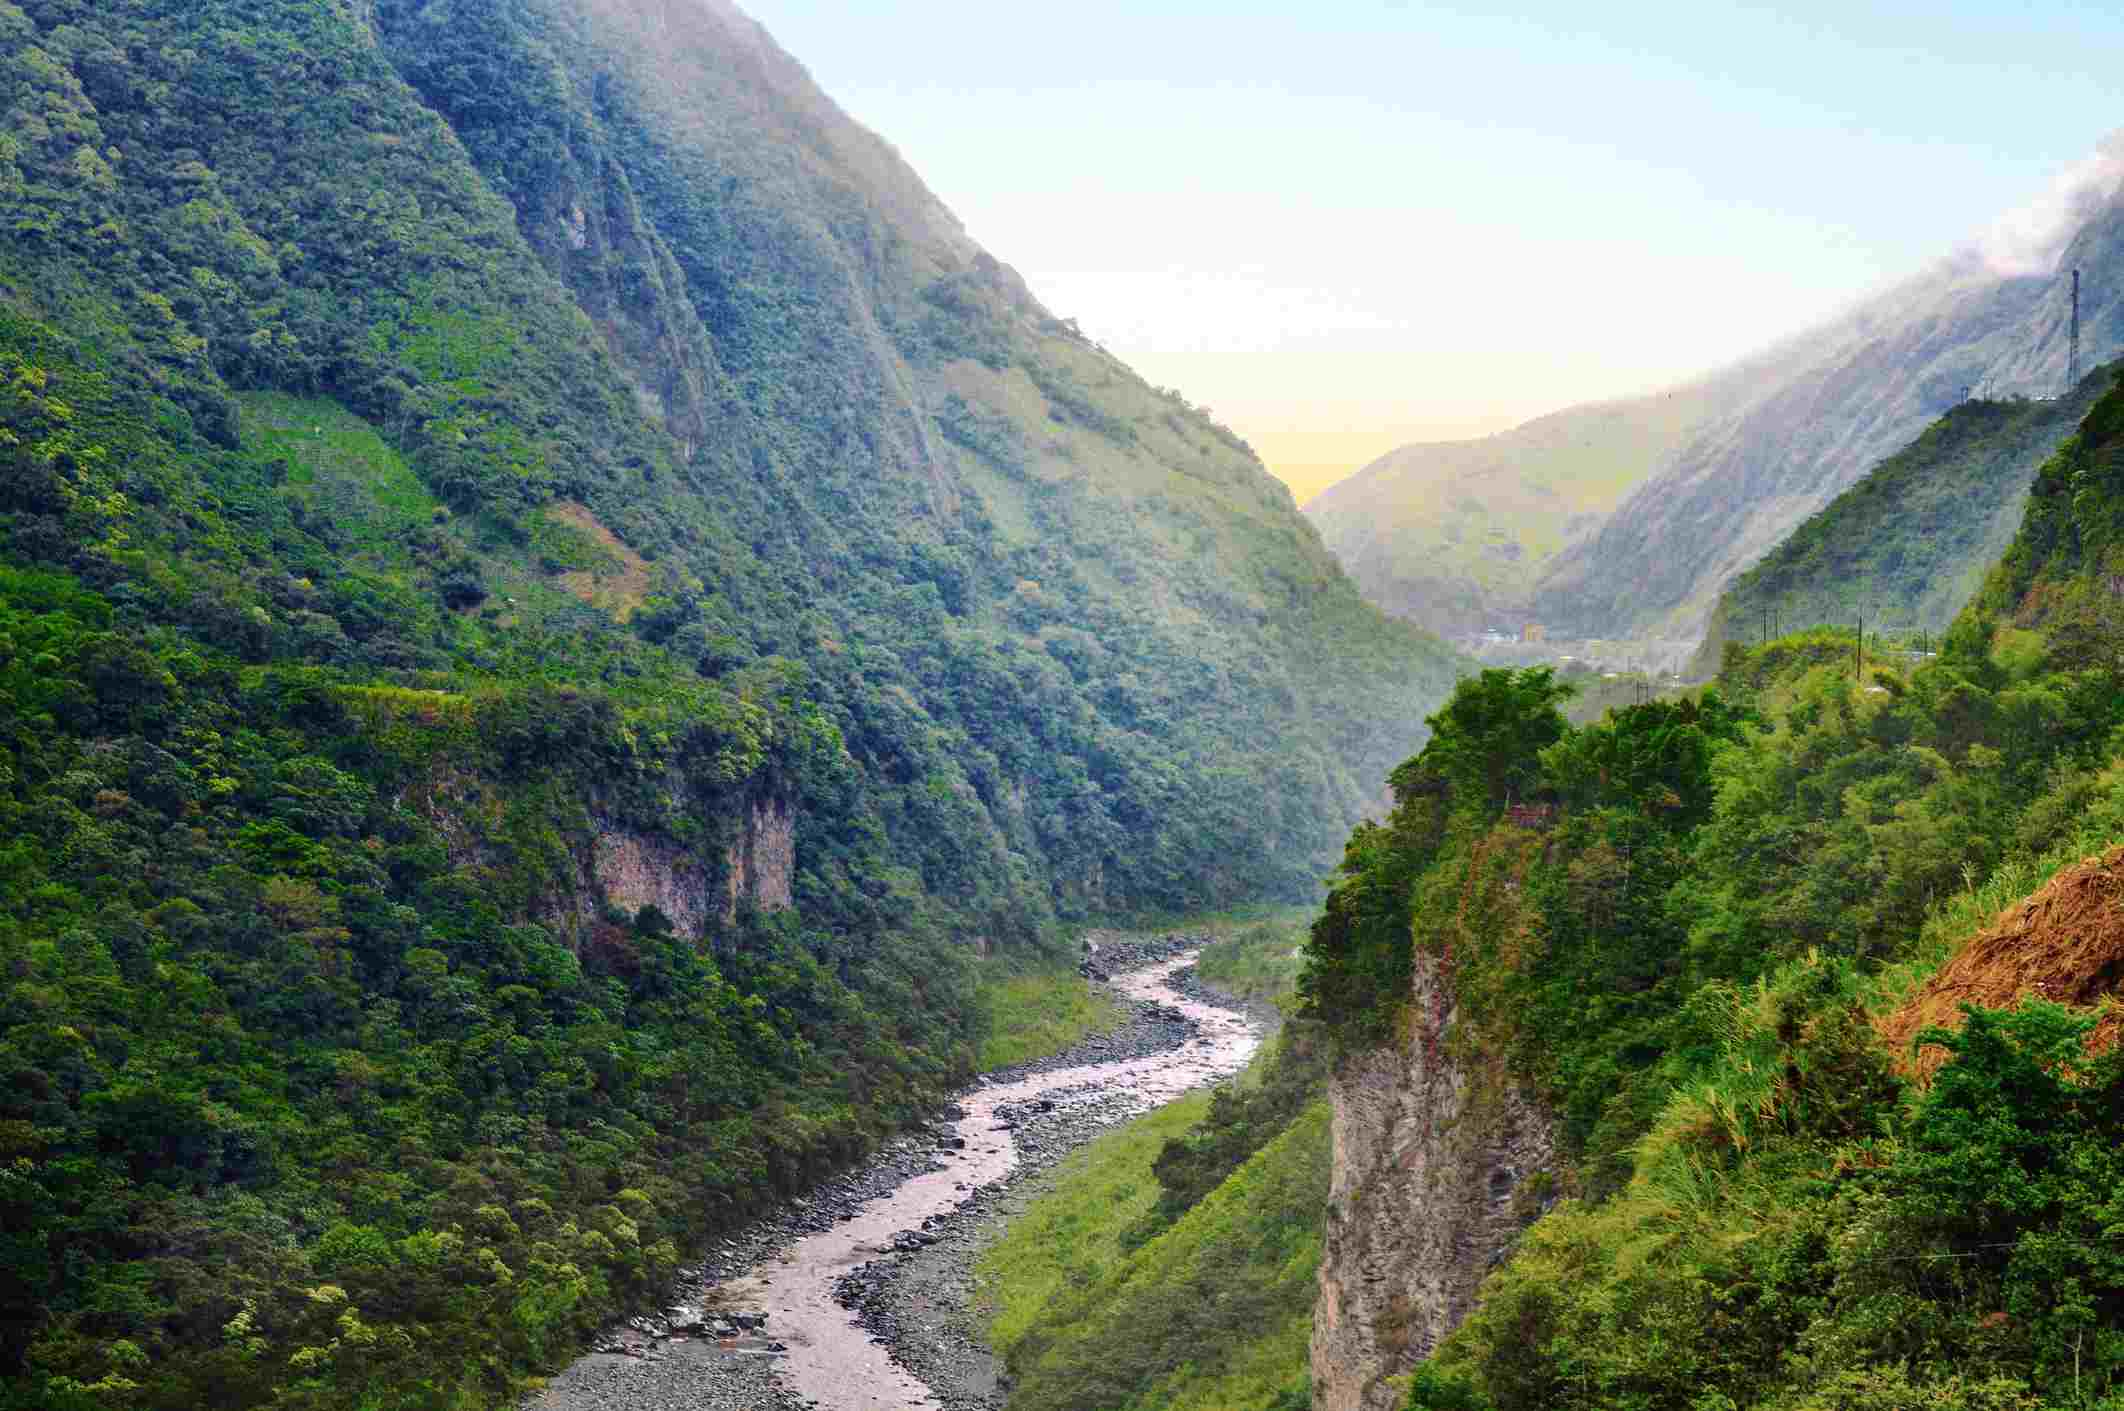 Pastaza River and valley in Banos de Agua Santa